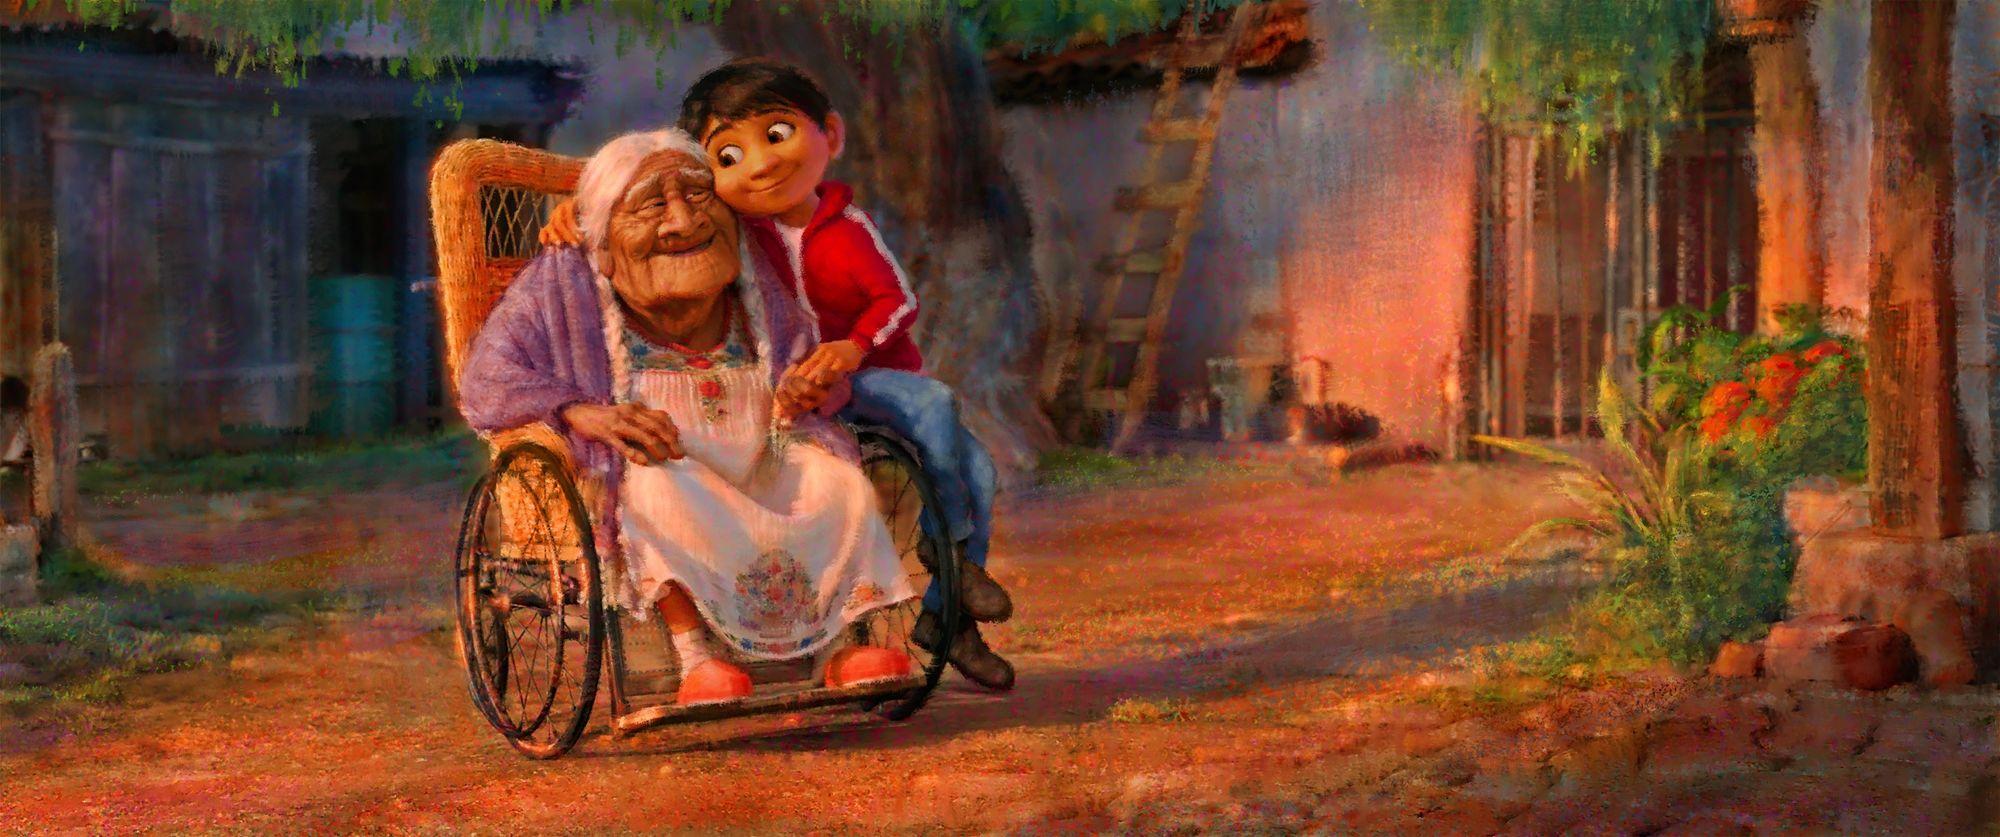 Mama Coco, Coco, Disney Pixar – Voz Abierta